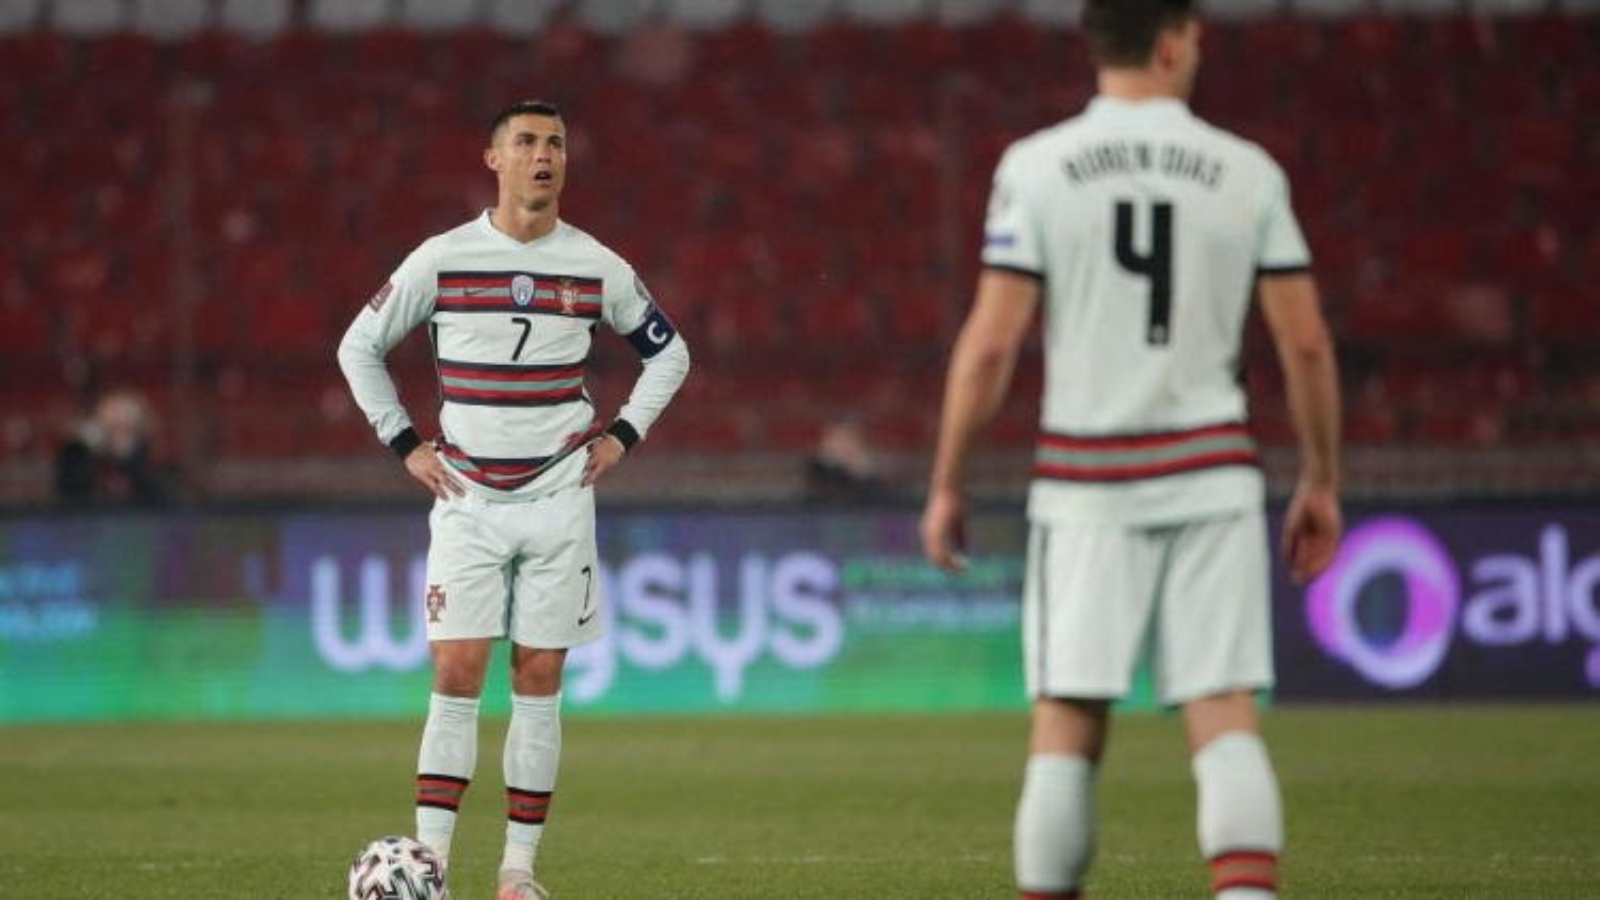 Bảng xếp hạng vòng loại World Cup 2022 khu vực châu Âu: Bồ Đào Nha đau điếng vì trọng tài